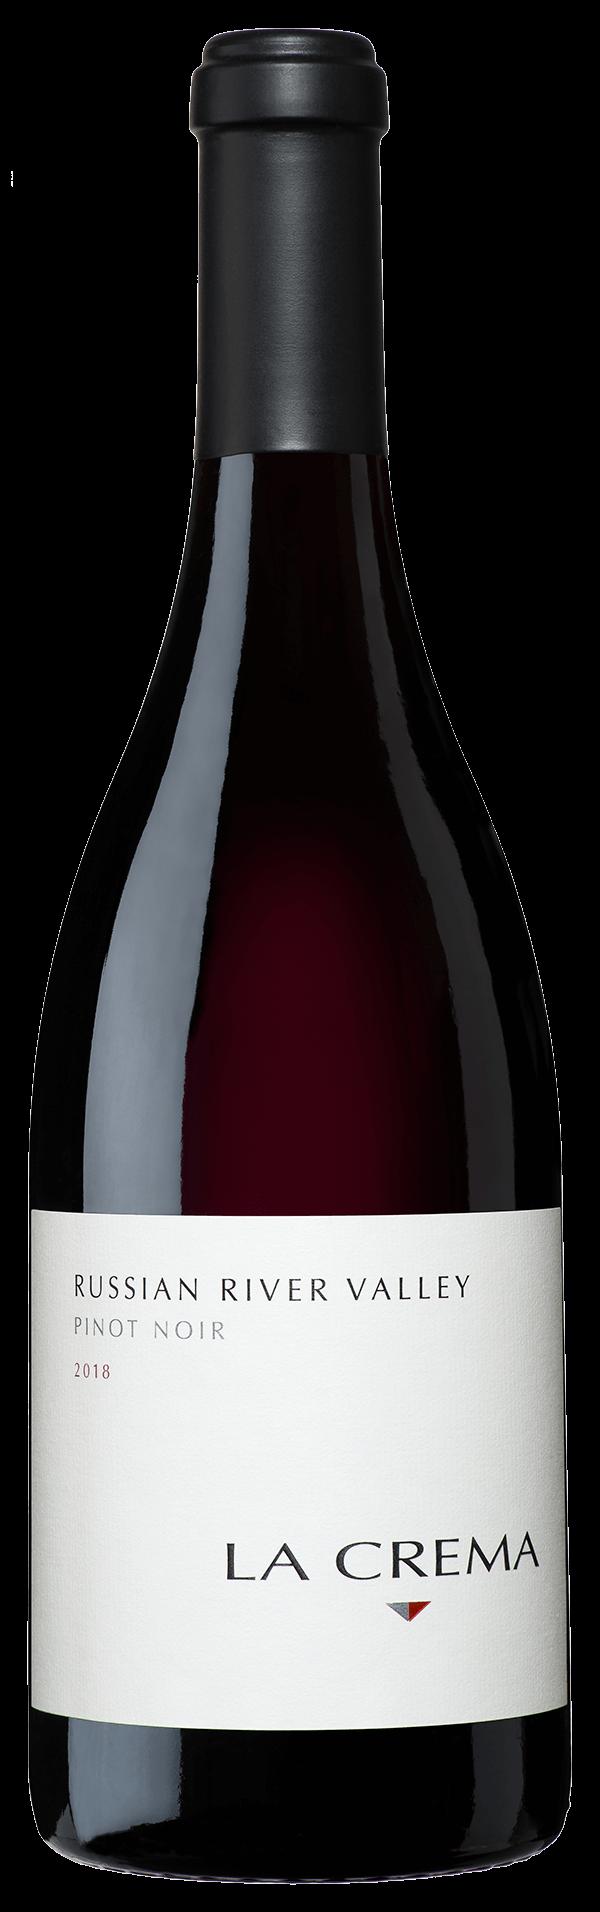 2018 Russian River Valley Pinot Noir